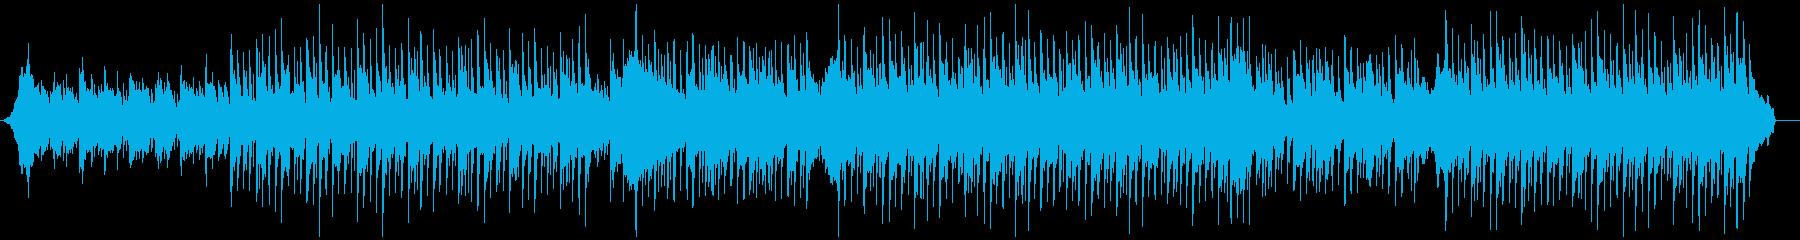 企業VP会社紹介に 落ち着いた清潔な音楽の再生済みの波形